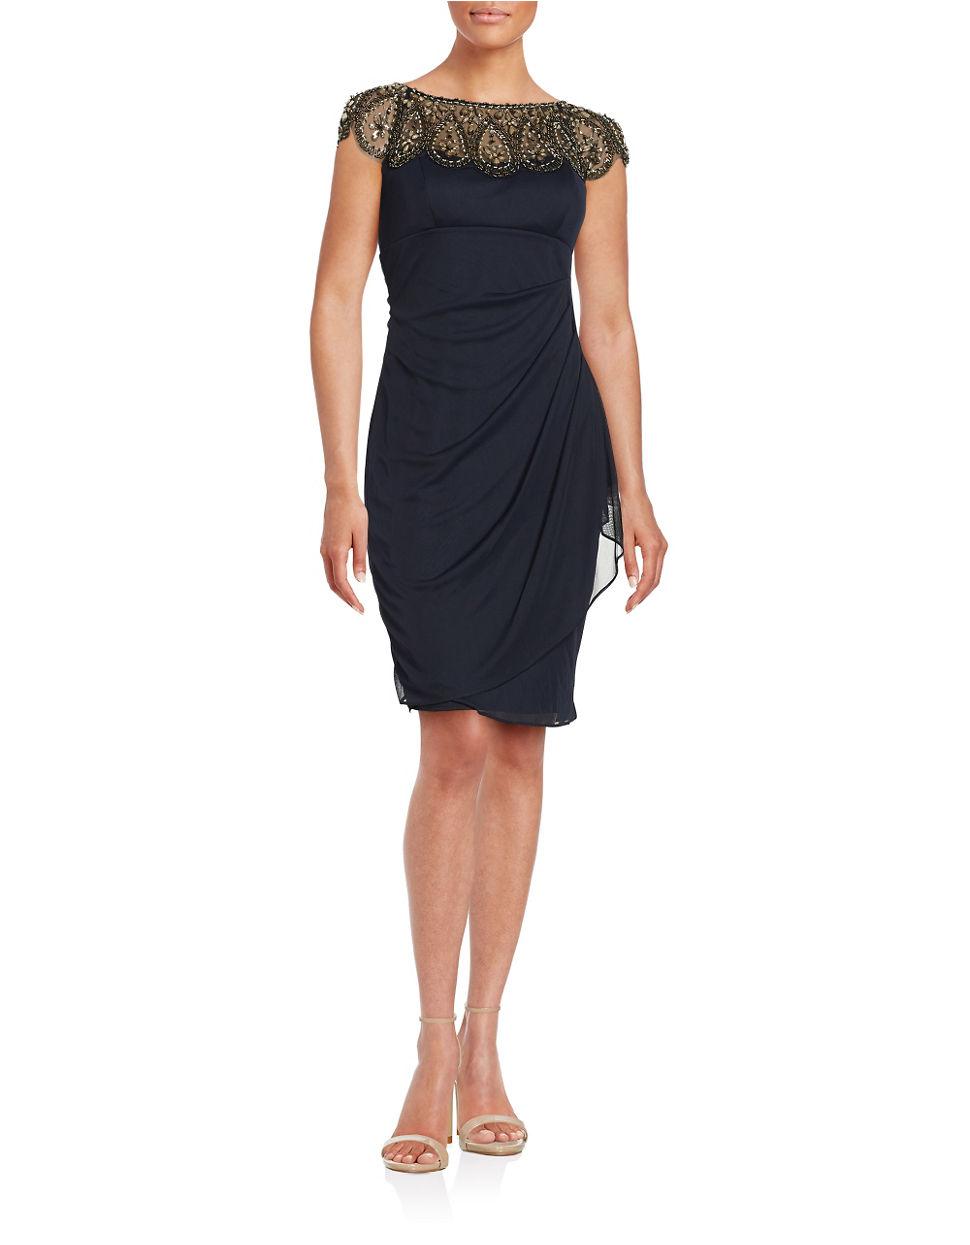 Xscape Embellished Sheath Dress In Black Lyst